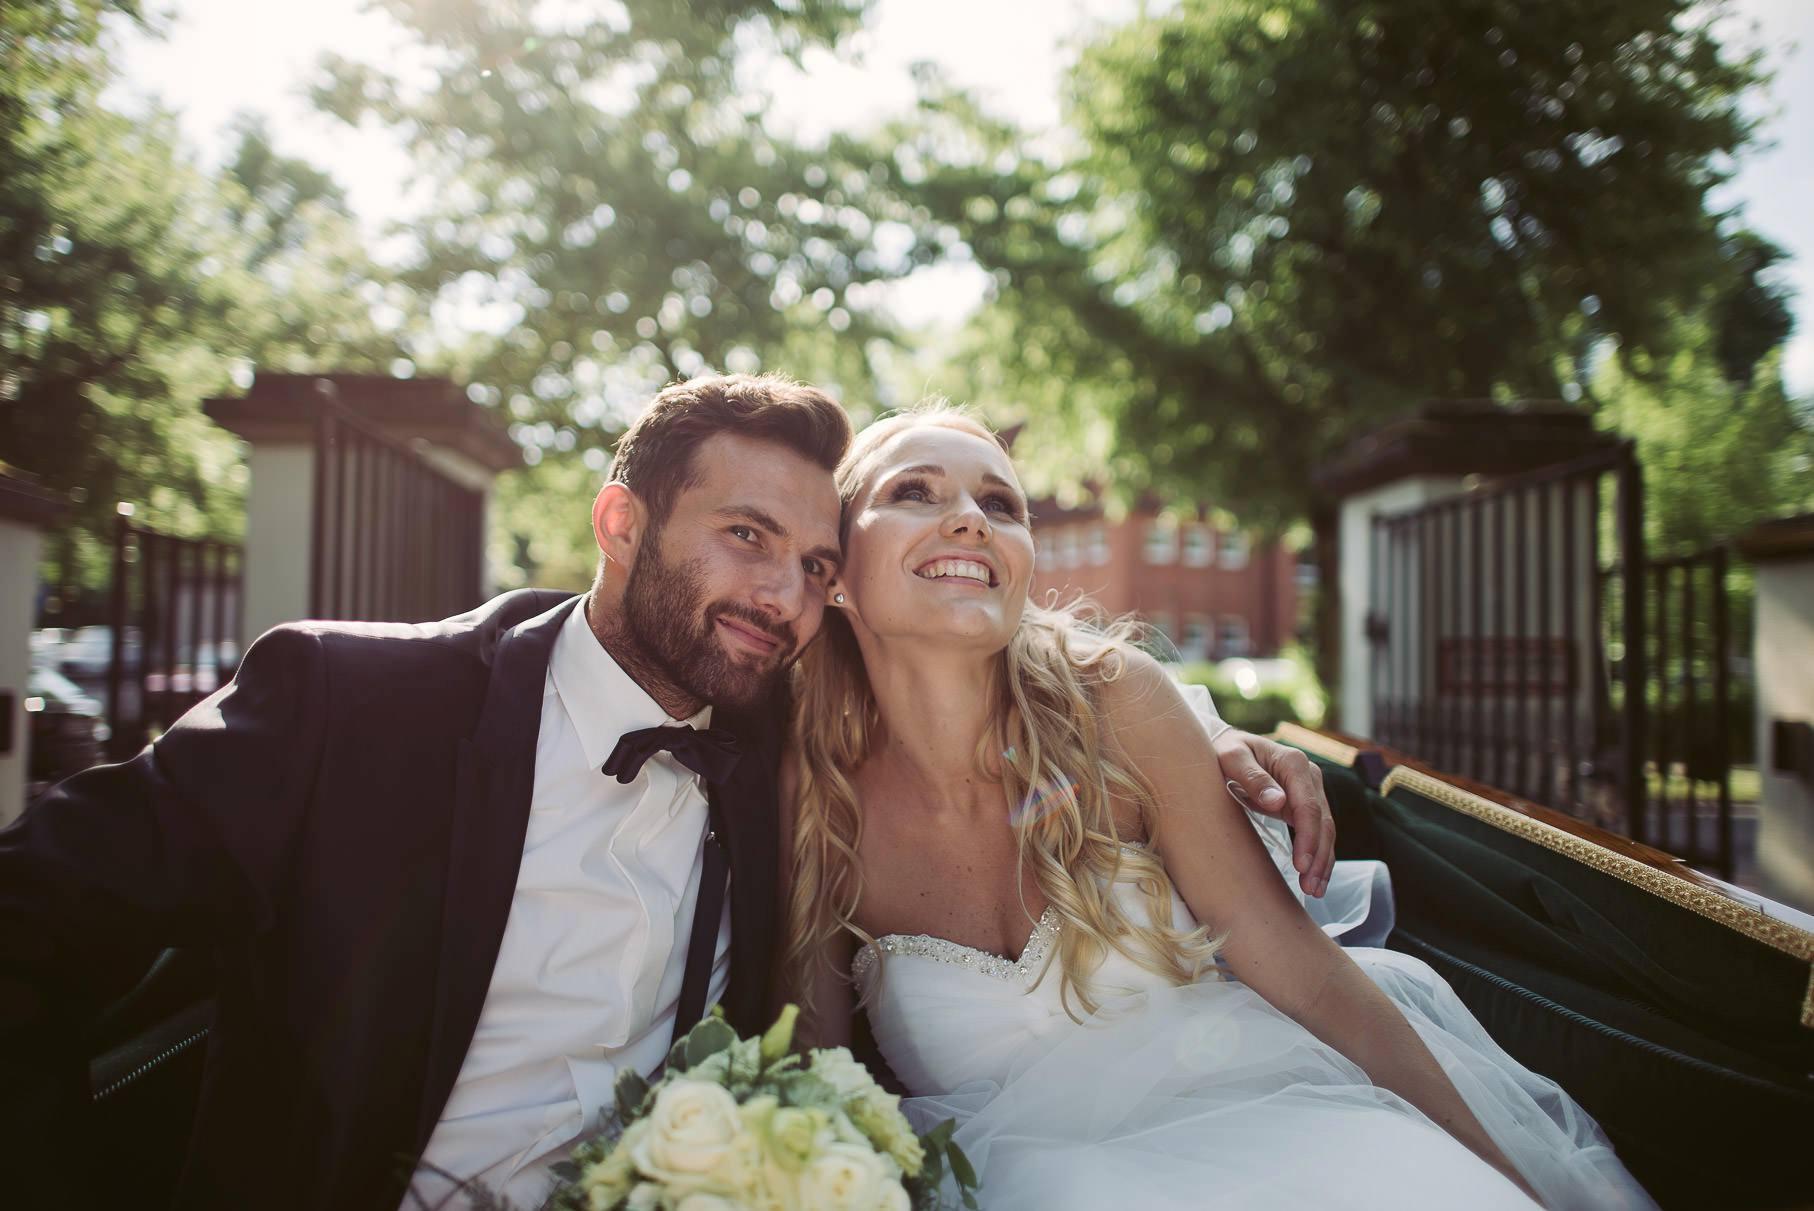 0064 jus 811 0256 - Hochzeit im Wasserturm Lüneburg - Jenny & Sascha